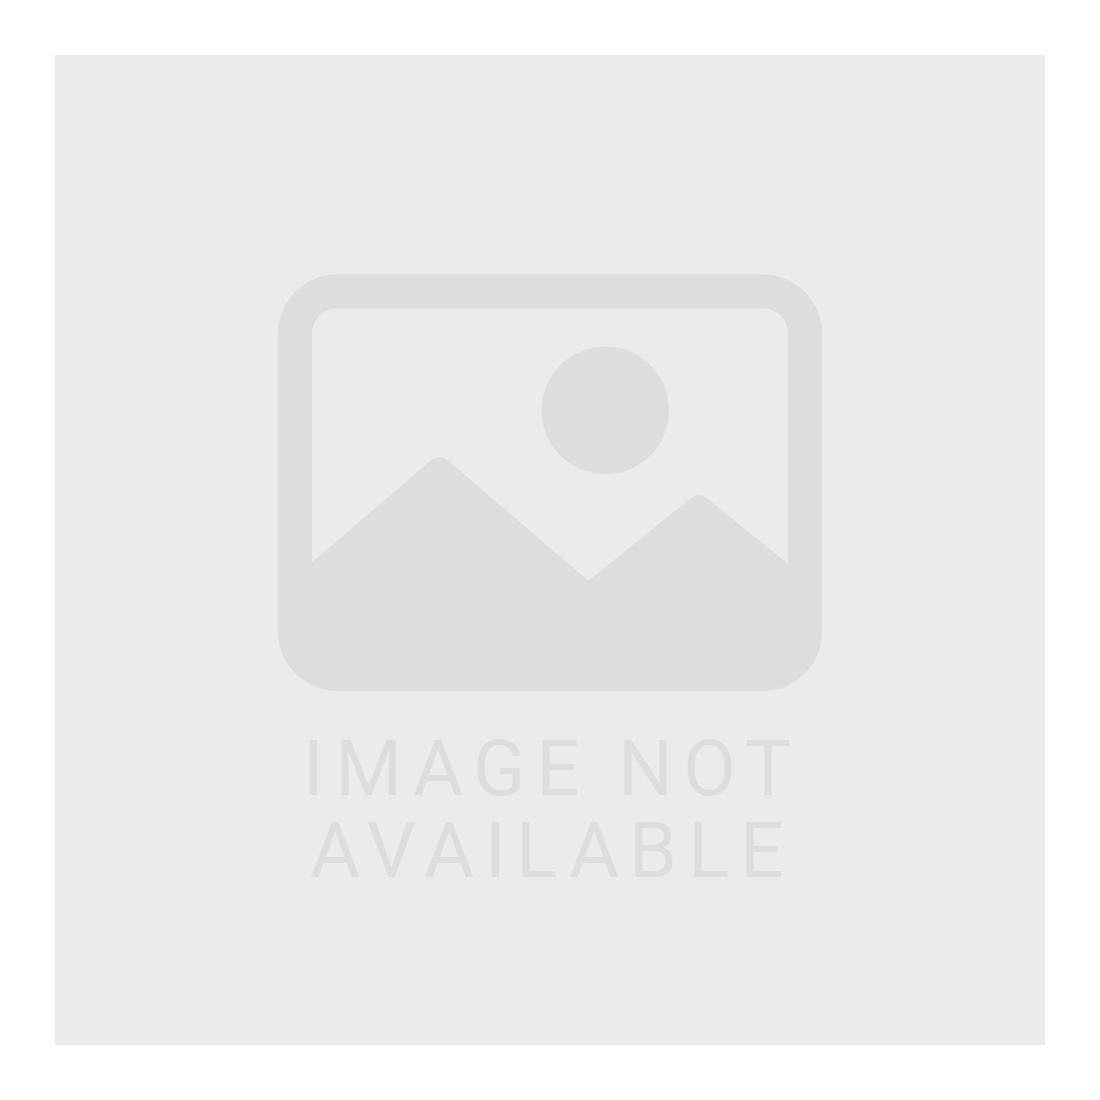 HEMI 28 oz Stainless Steel Tumbler